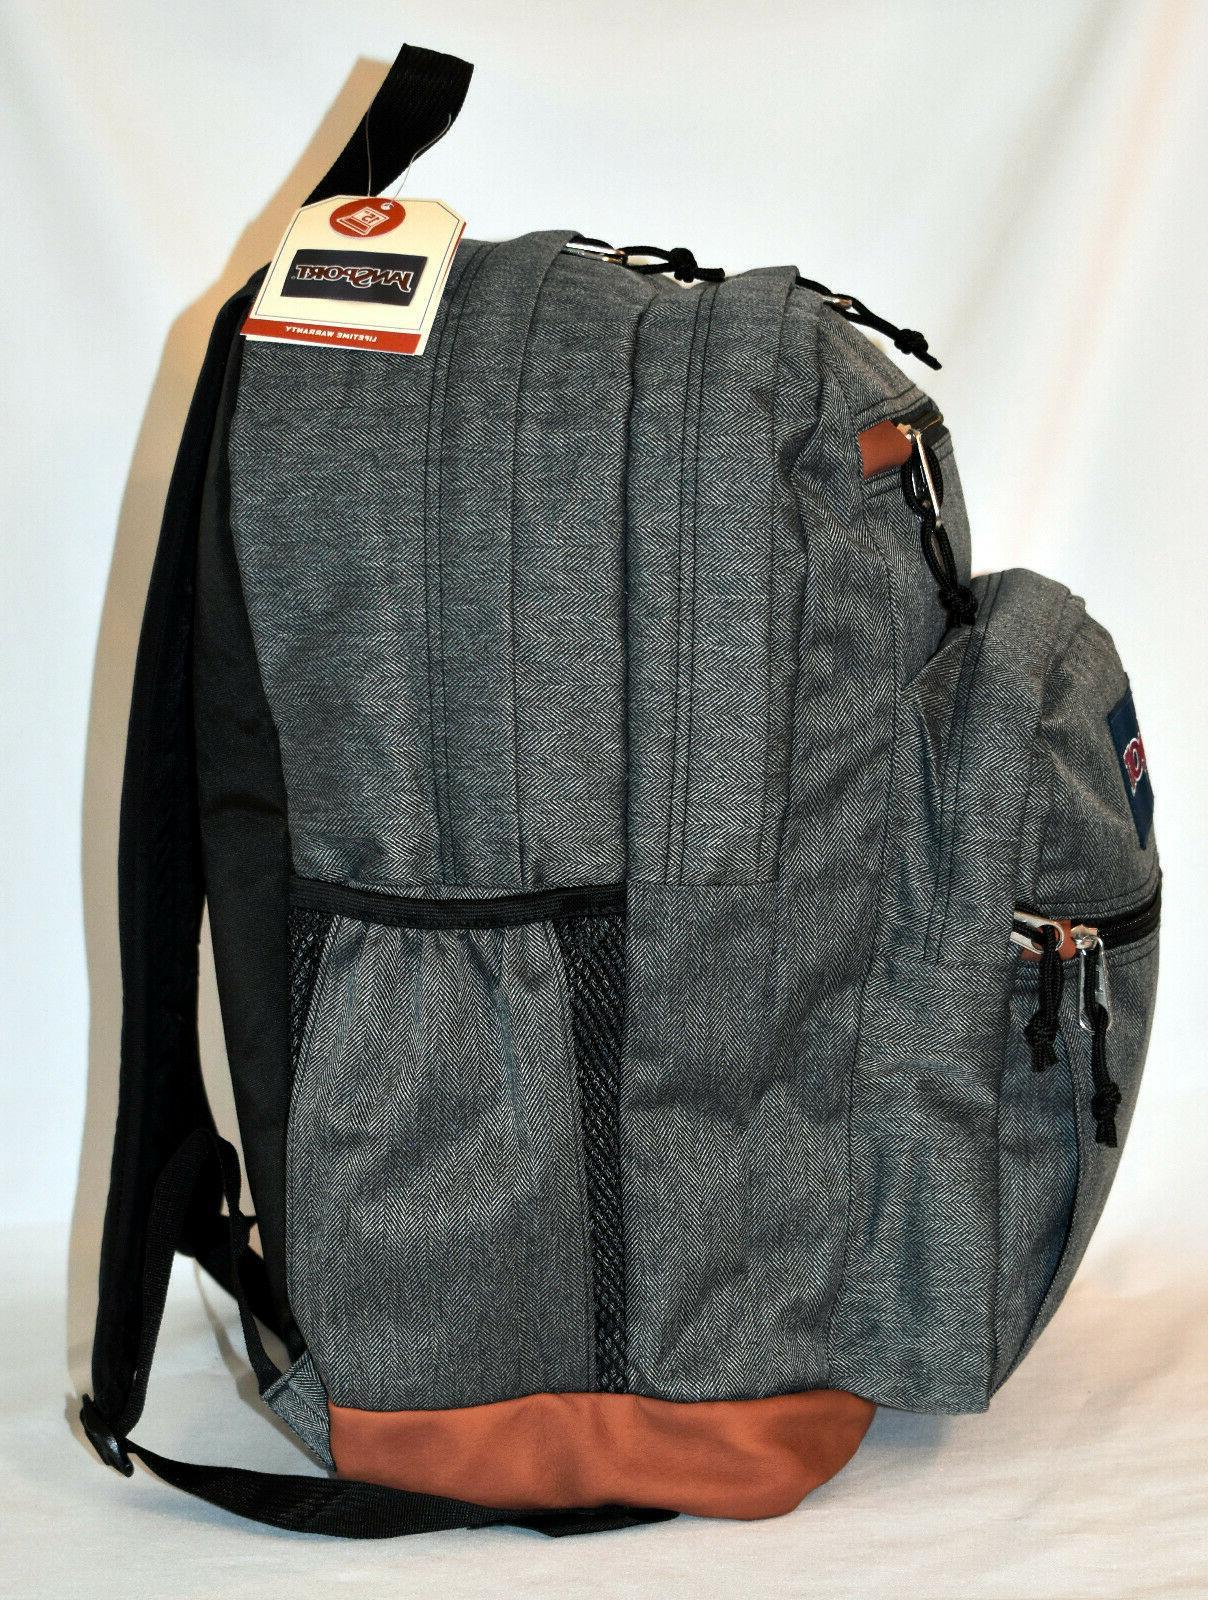 New JanSport Laptop Backpack -- Black White Herringbone